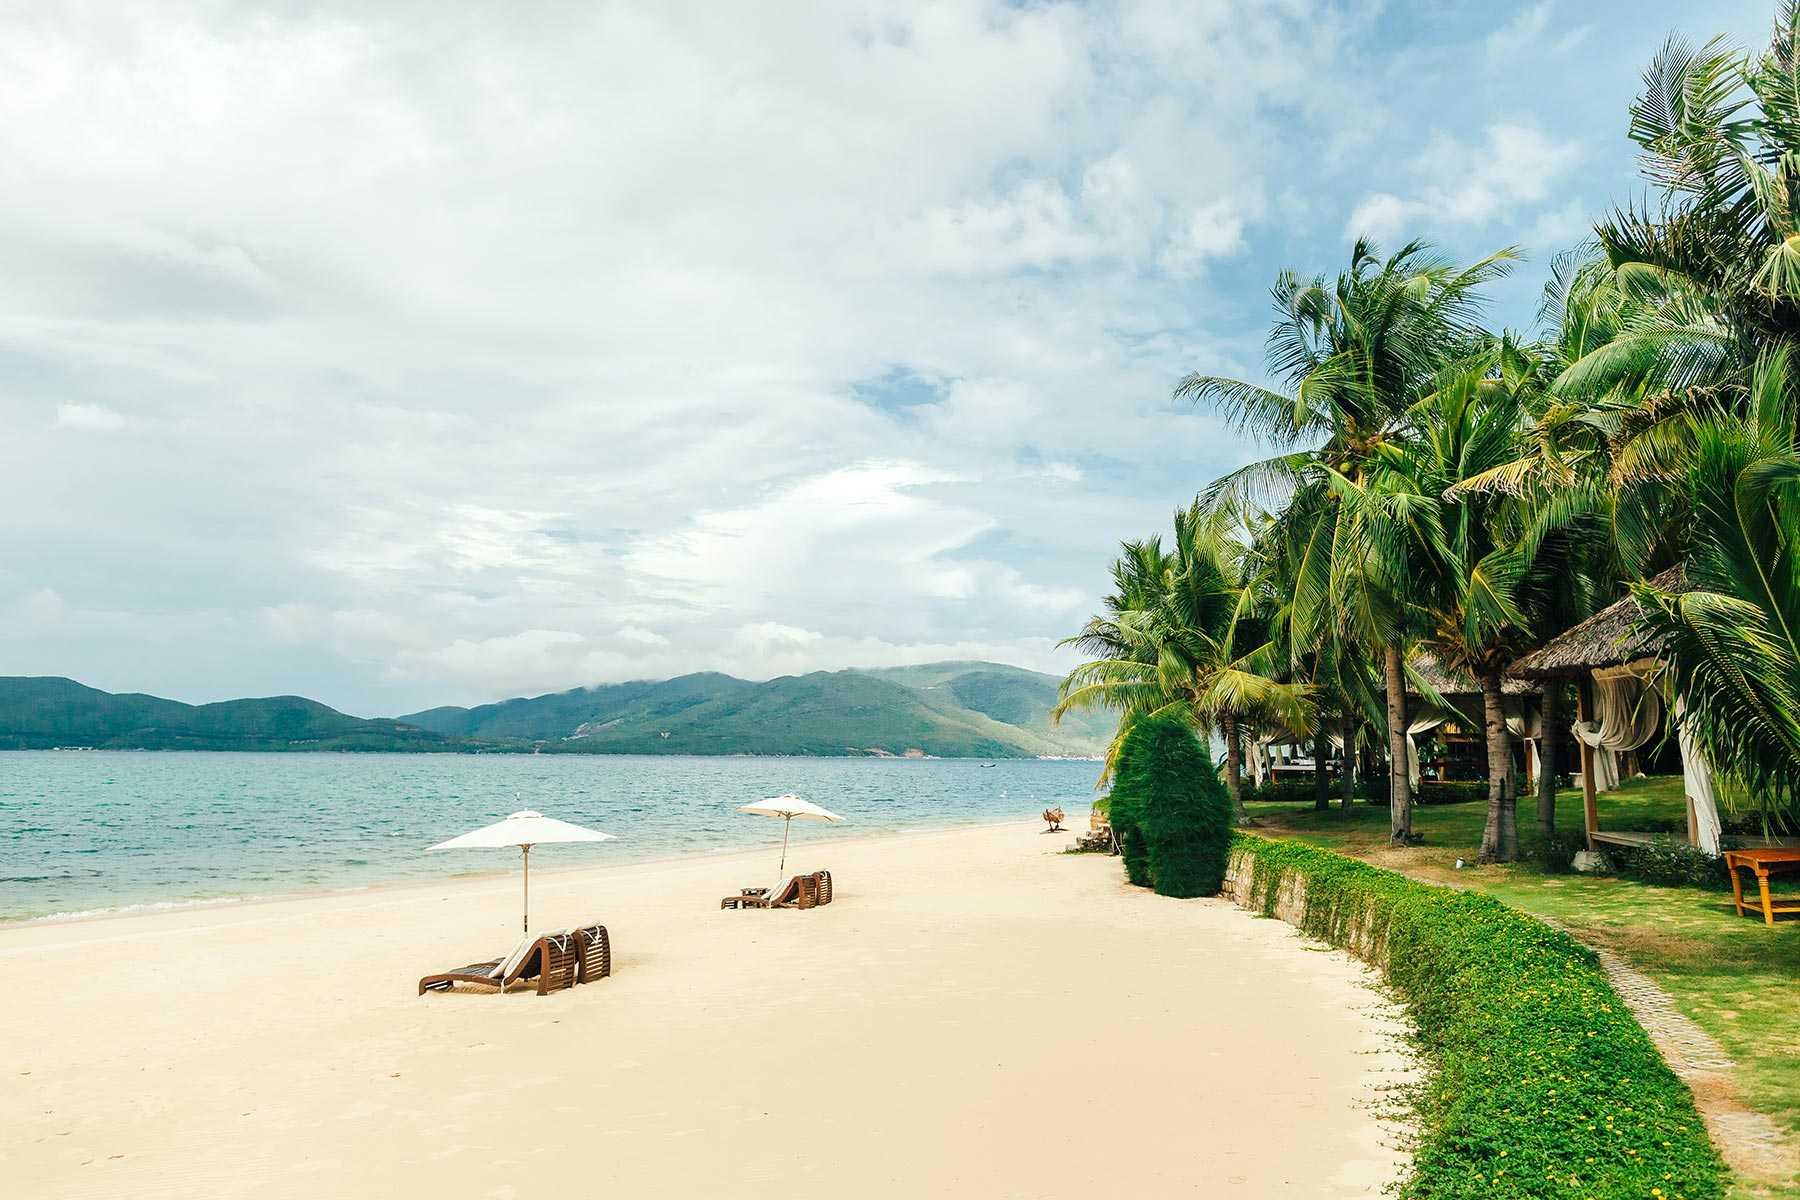 luxury-beach-resort-BHT4WWB.jpg